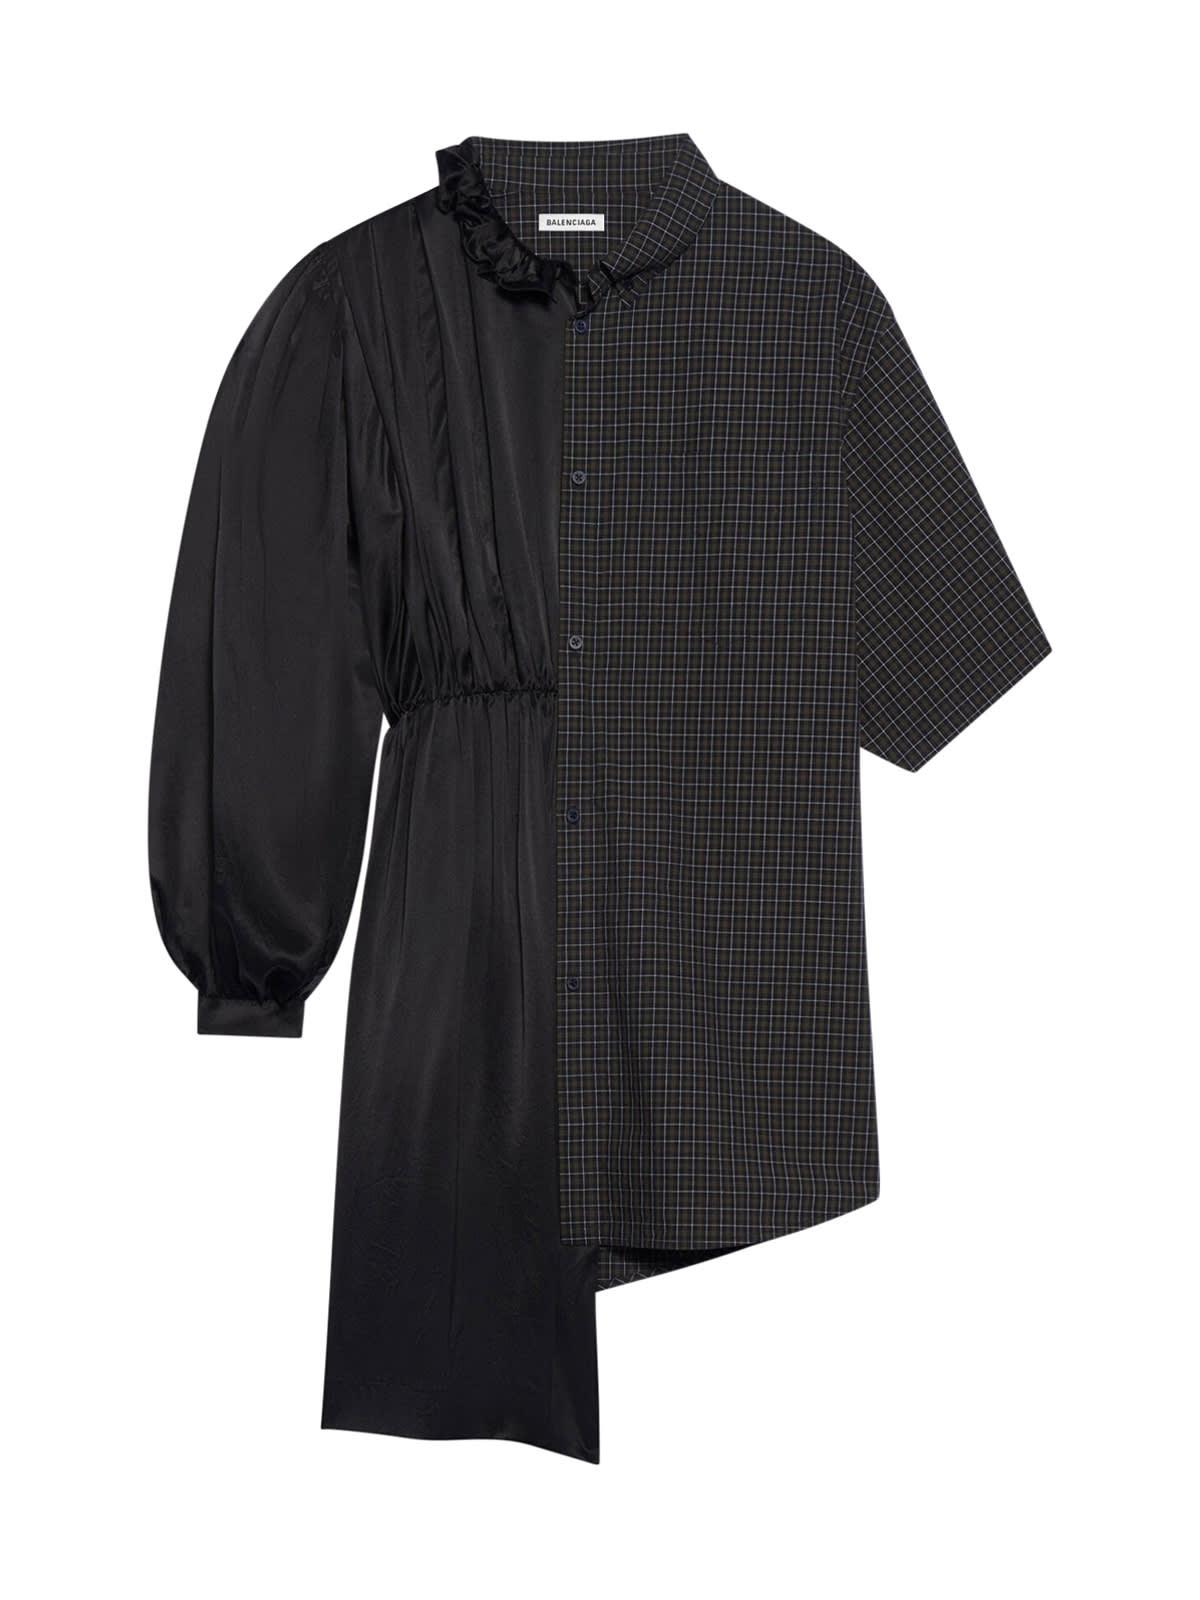 Balenciaga 50/50 Shirt Dress Micro Tartan